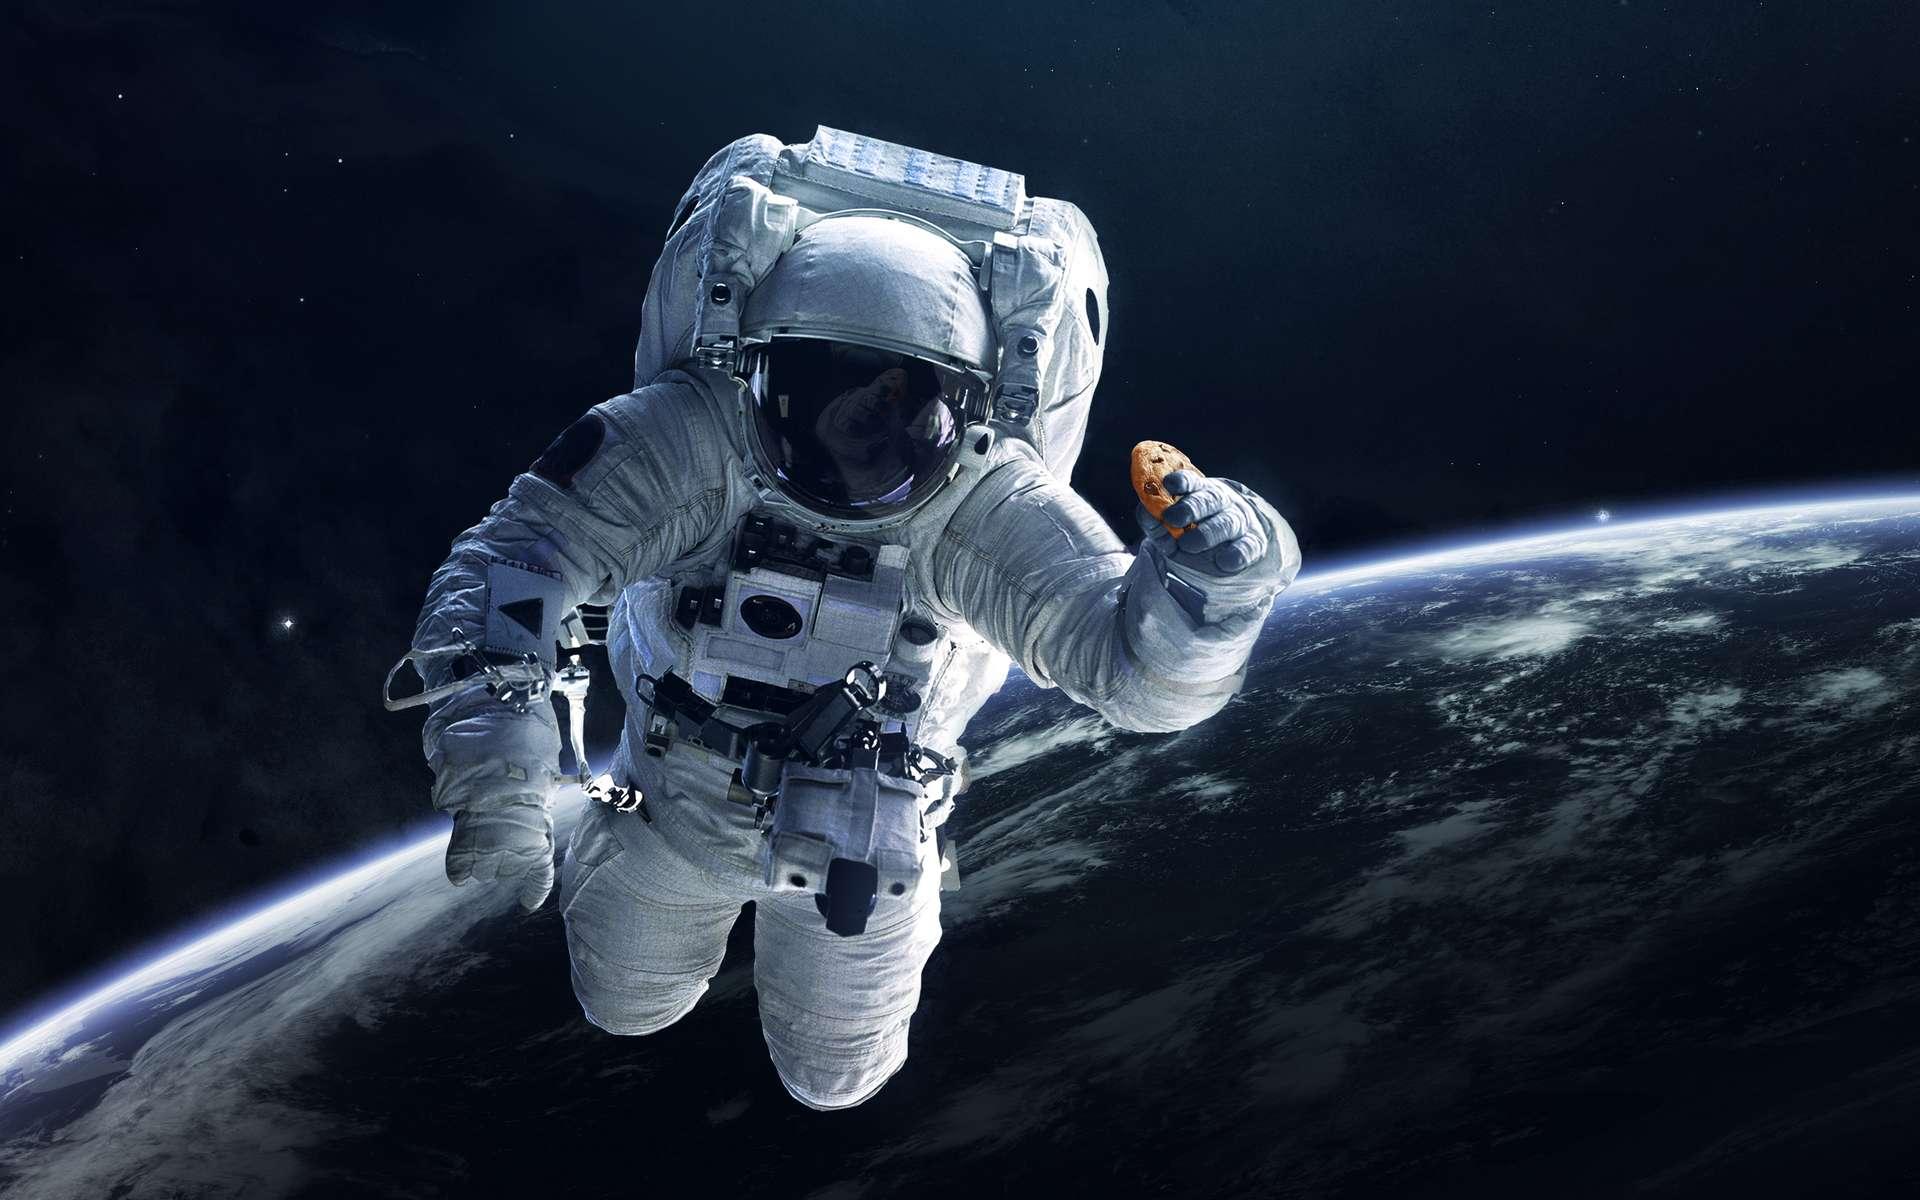 Les astronautes de l'ISS vont pouvoir cuisiner des cookies au chocolat frais en microgravité. © DoubleTree by Hilton/Nasa